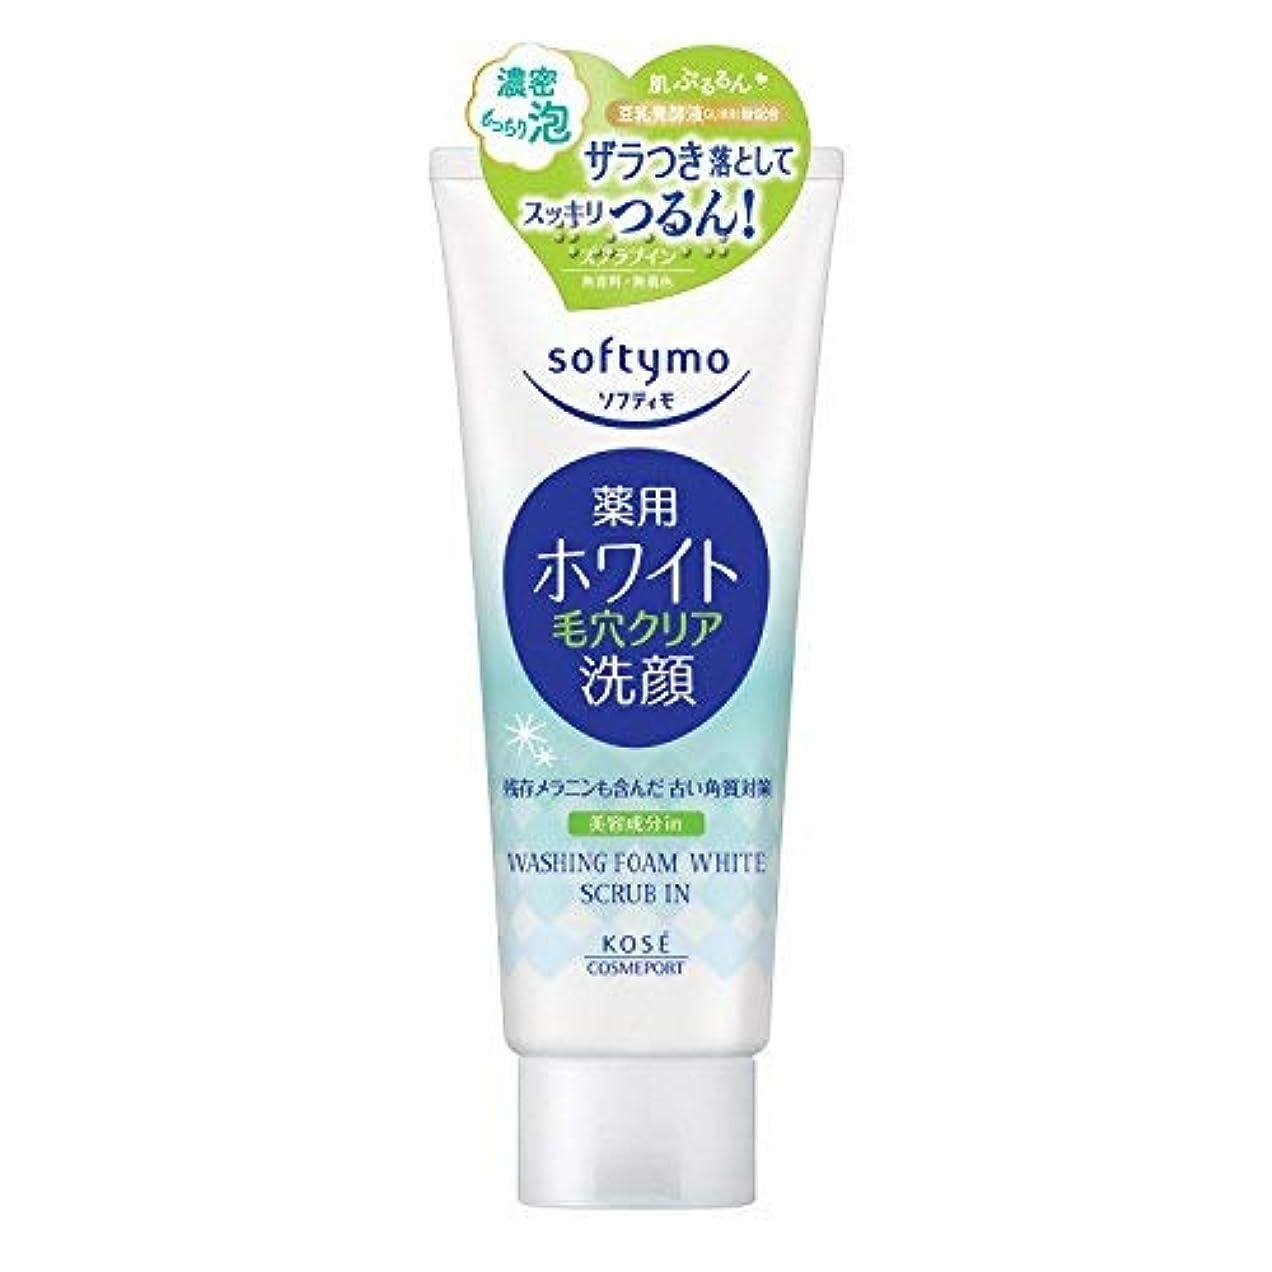 ソフティモ薬用洗顔フォーム(ホワイト)スクラブイン × 3個セット